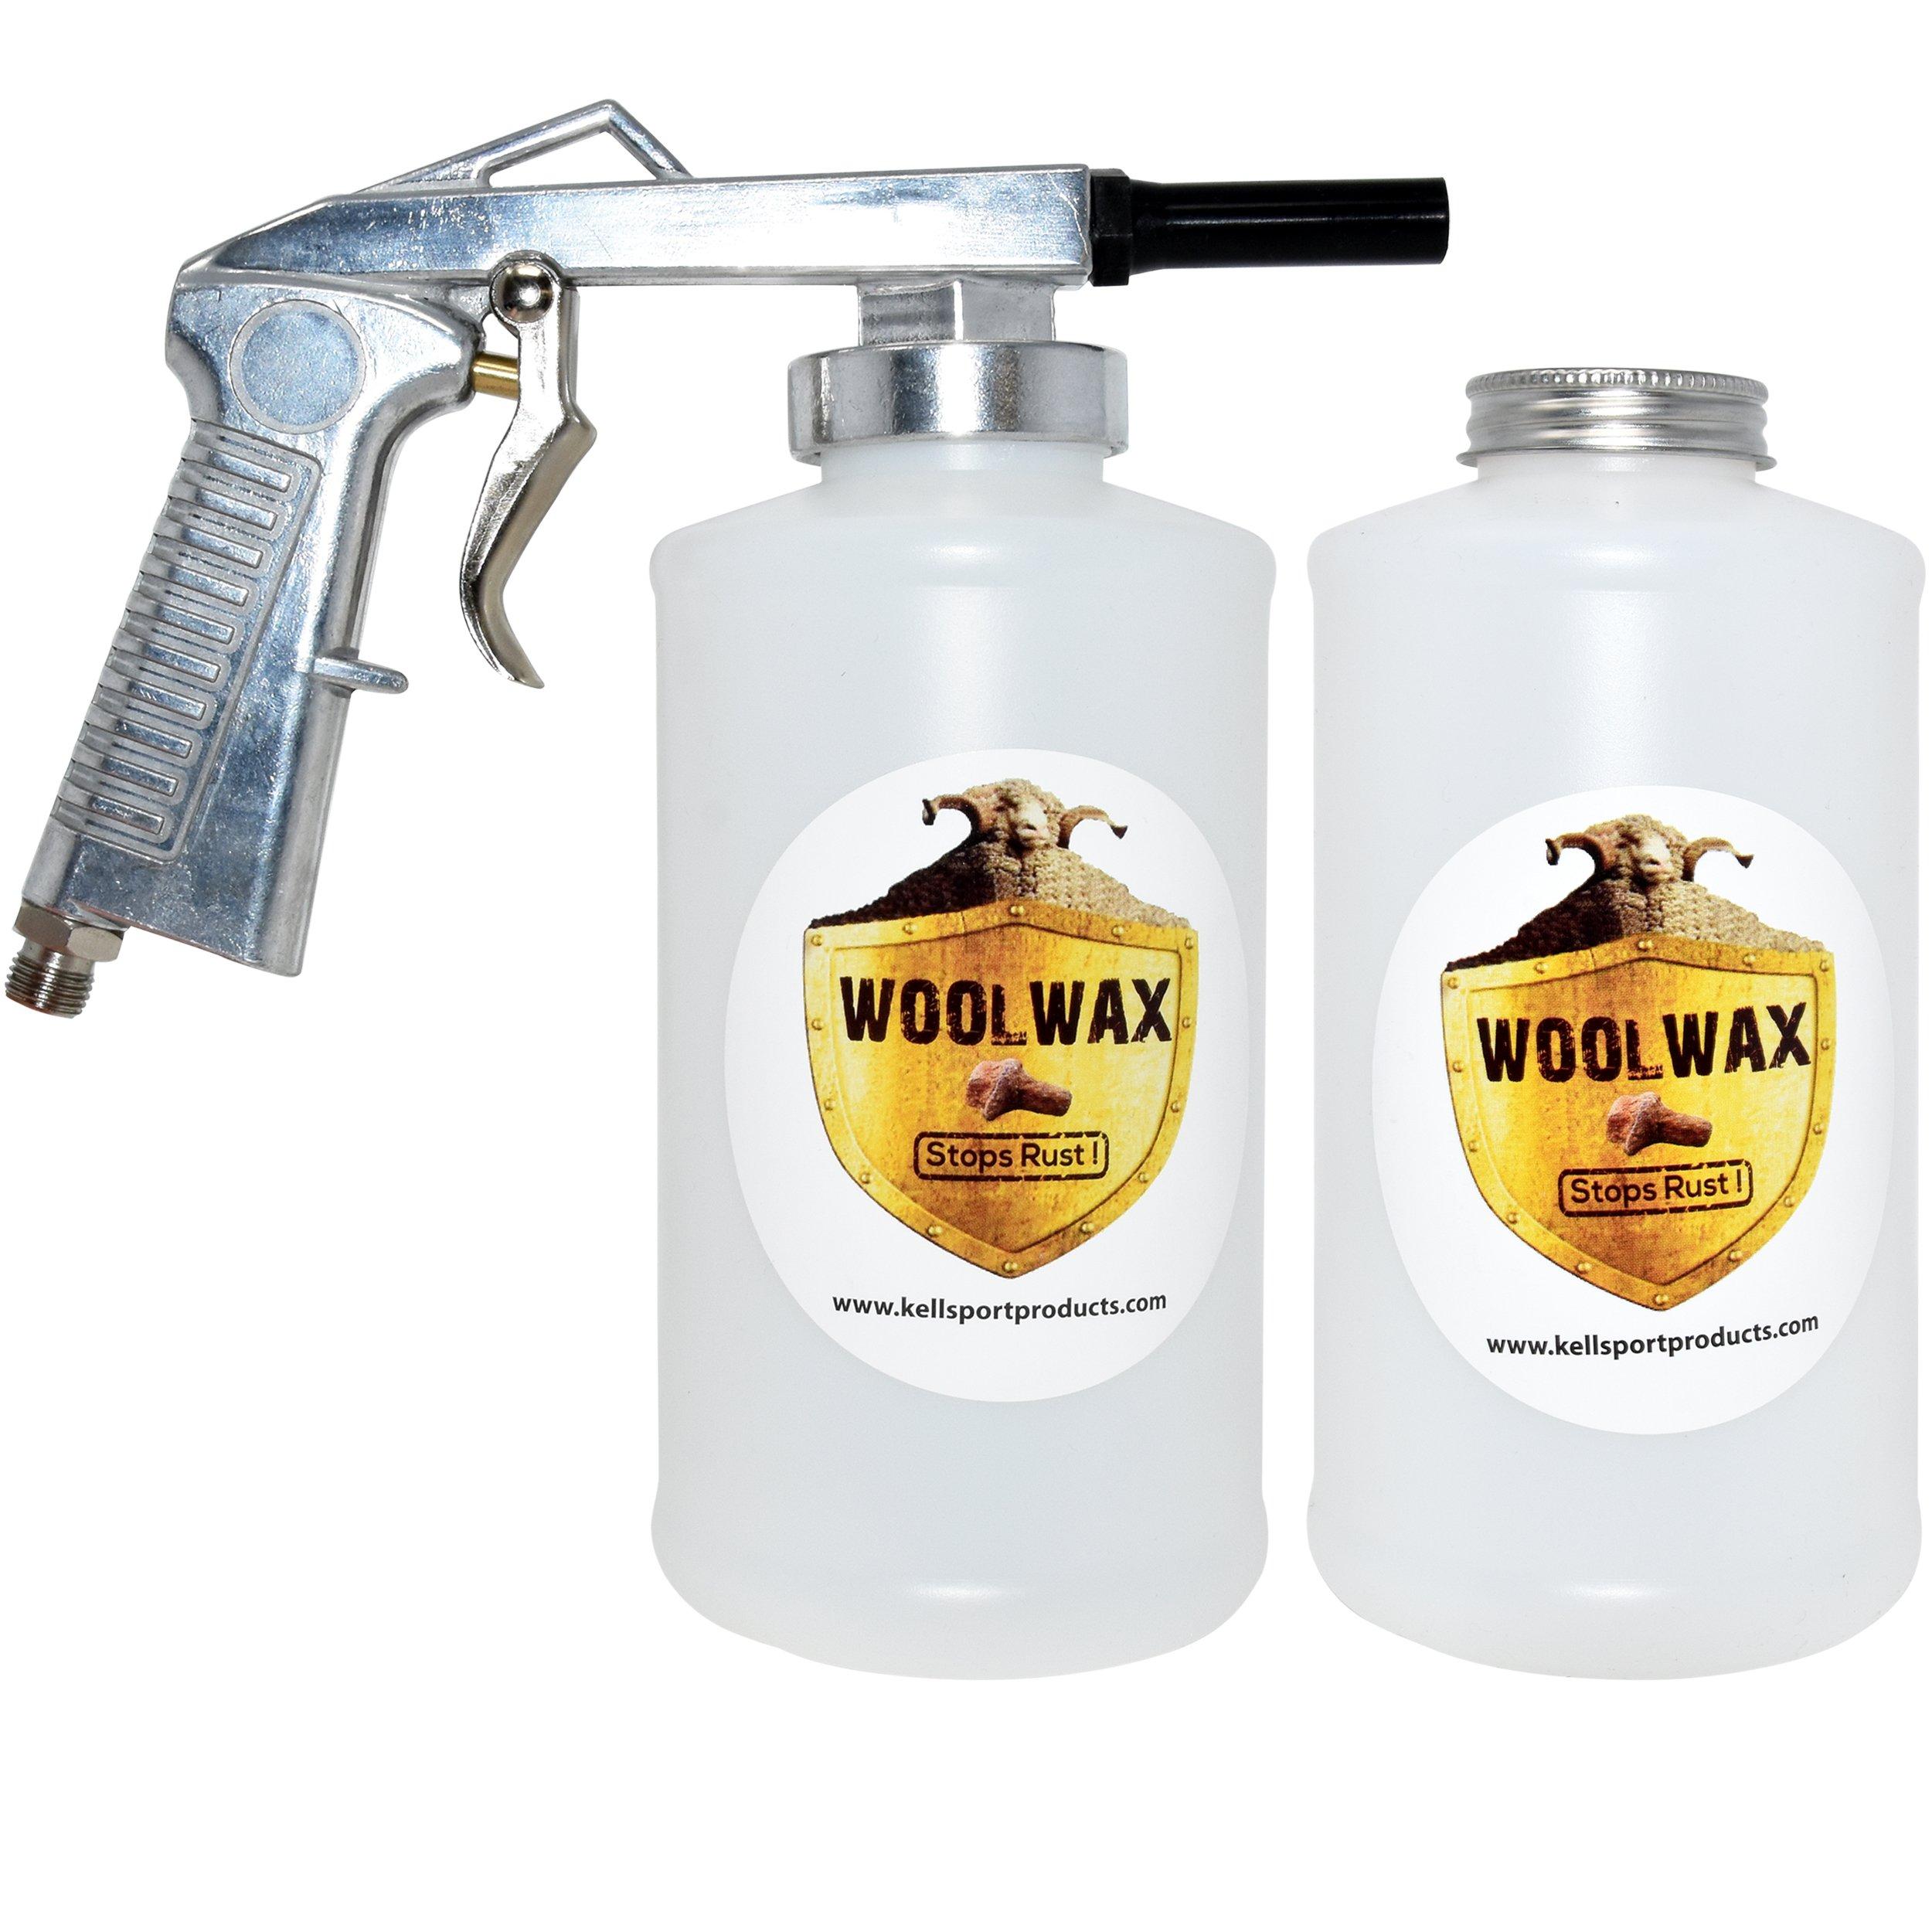 Fluid Film Standard Spray Applicator Gun, 2 Fluid Film Refill Bottles